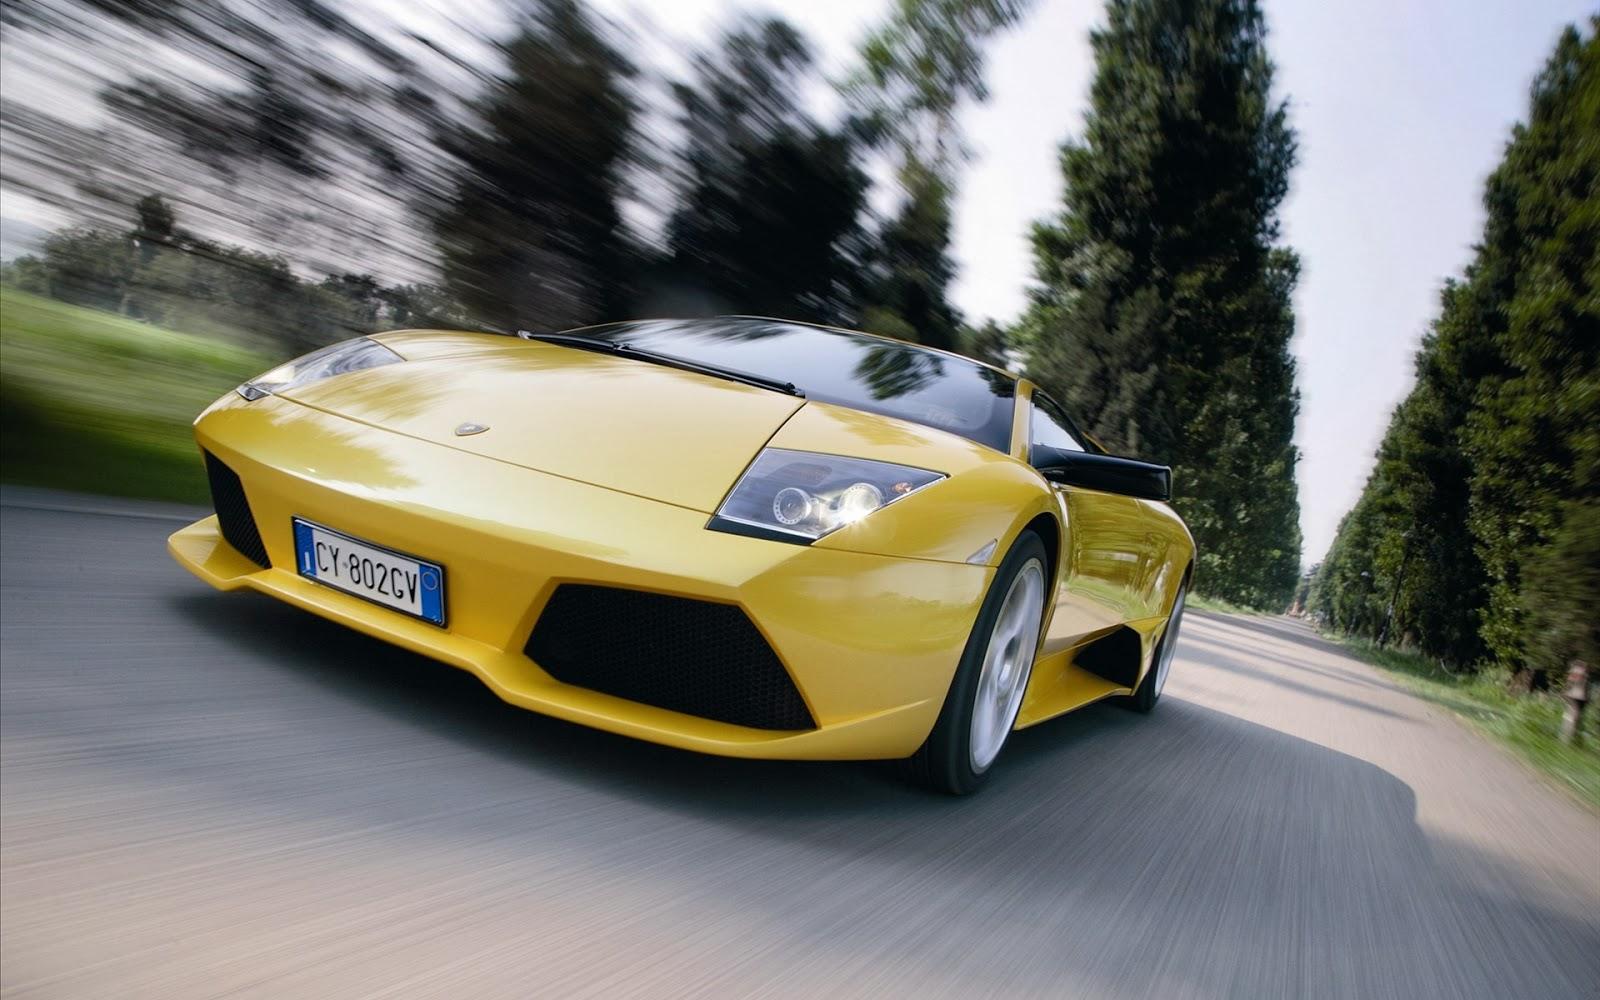 """<img src=""""http://1.bp.blogspot.com/-dHkbsYZhe7k/Uu1UTJ8KoyI/AAAAAAAAK1I/0aRpx17d_YA/s1600/yellow-lamborghini-wallpaper.jpg"""" alt=""""Lamborghini wallpaper"""" />"""